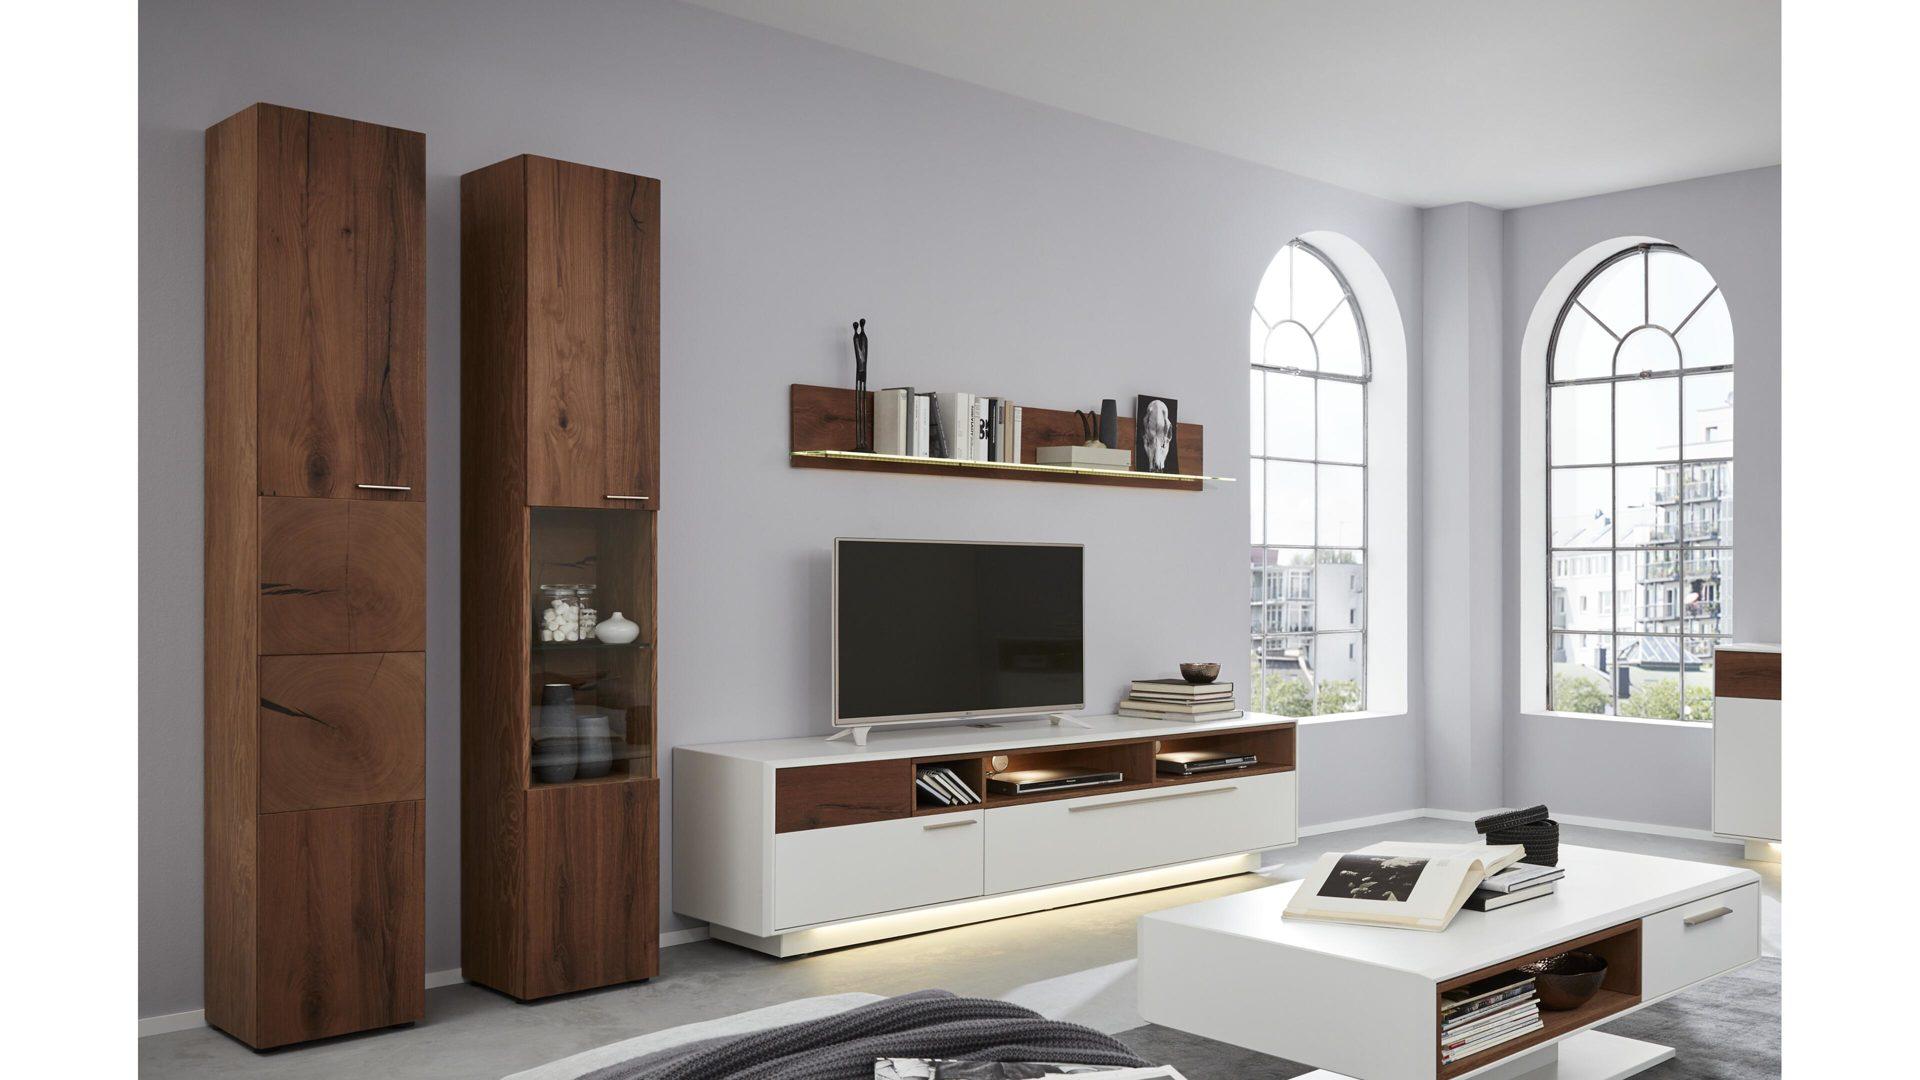 Wohnzimmer Mbel Set Holz Mbel Wohnzimmer Holz Konzept